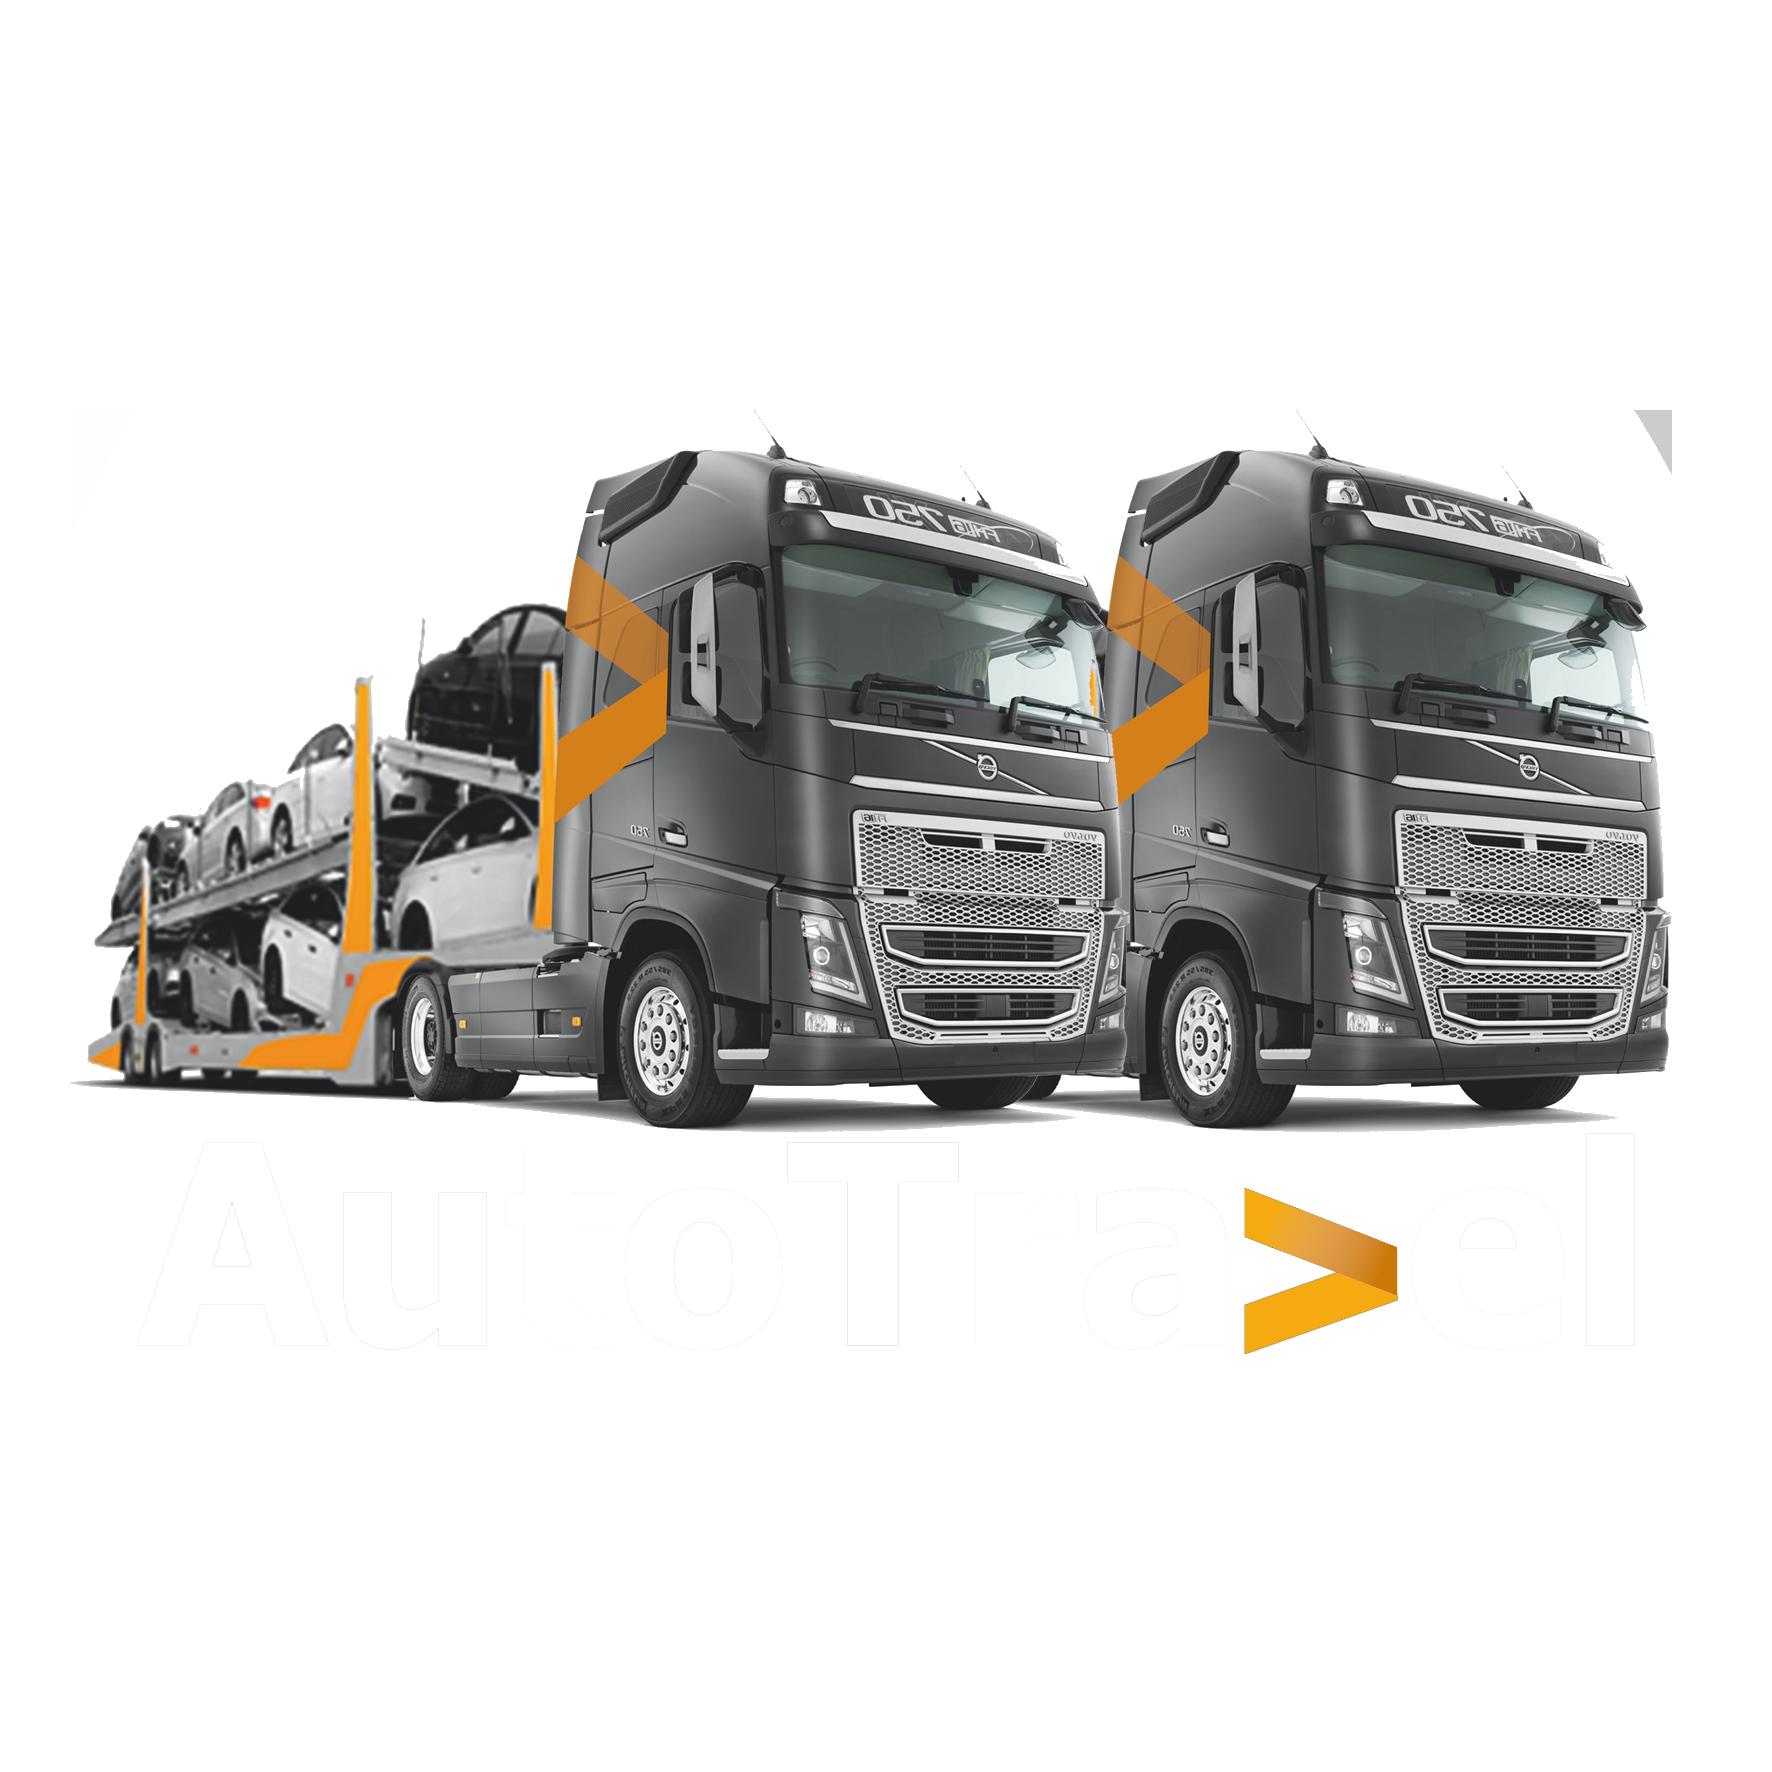 AutoTravel